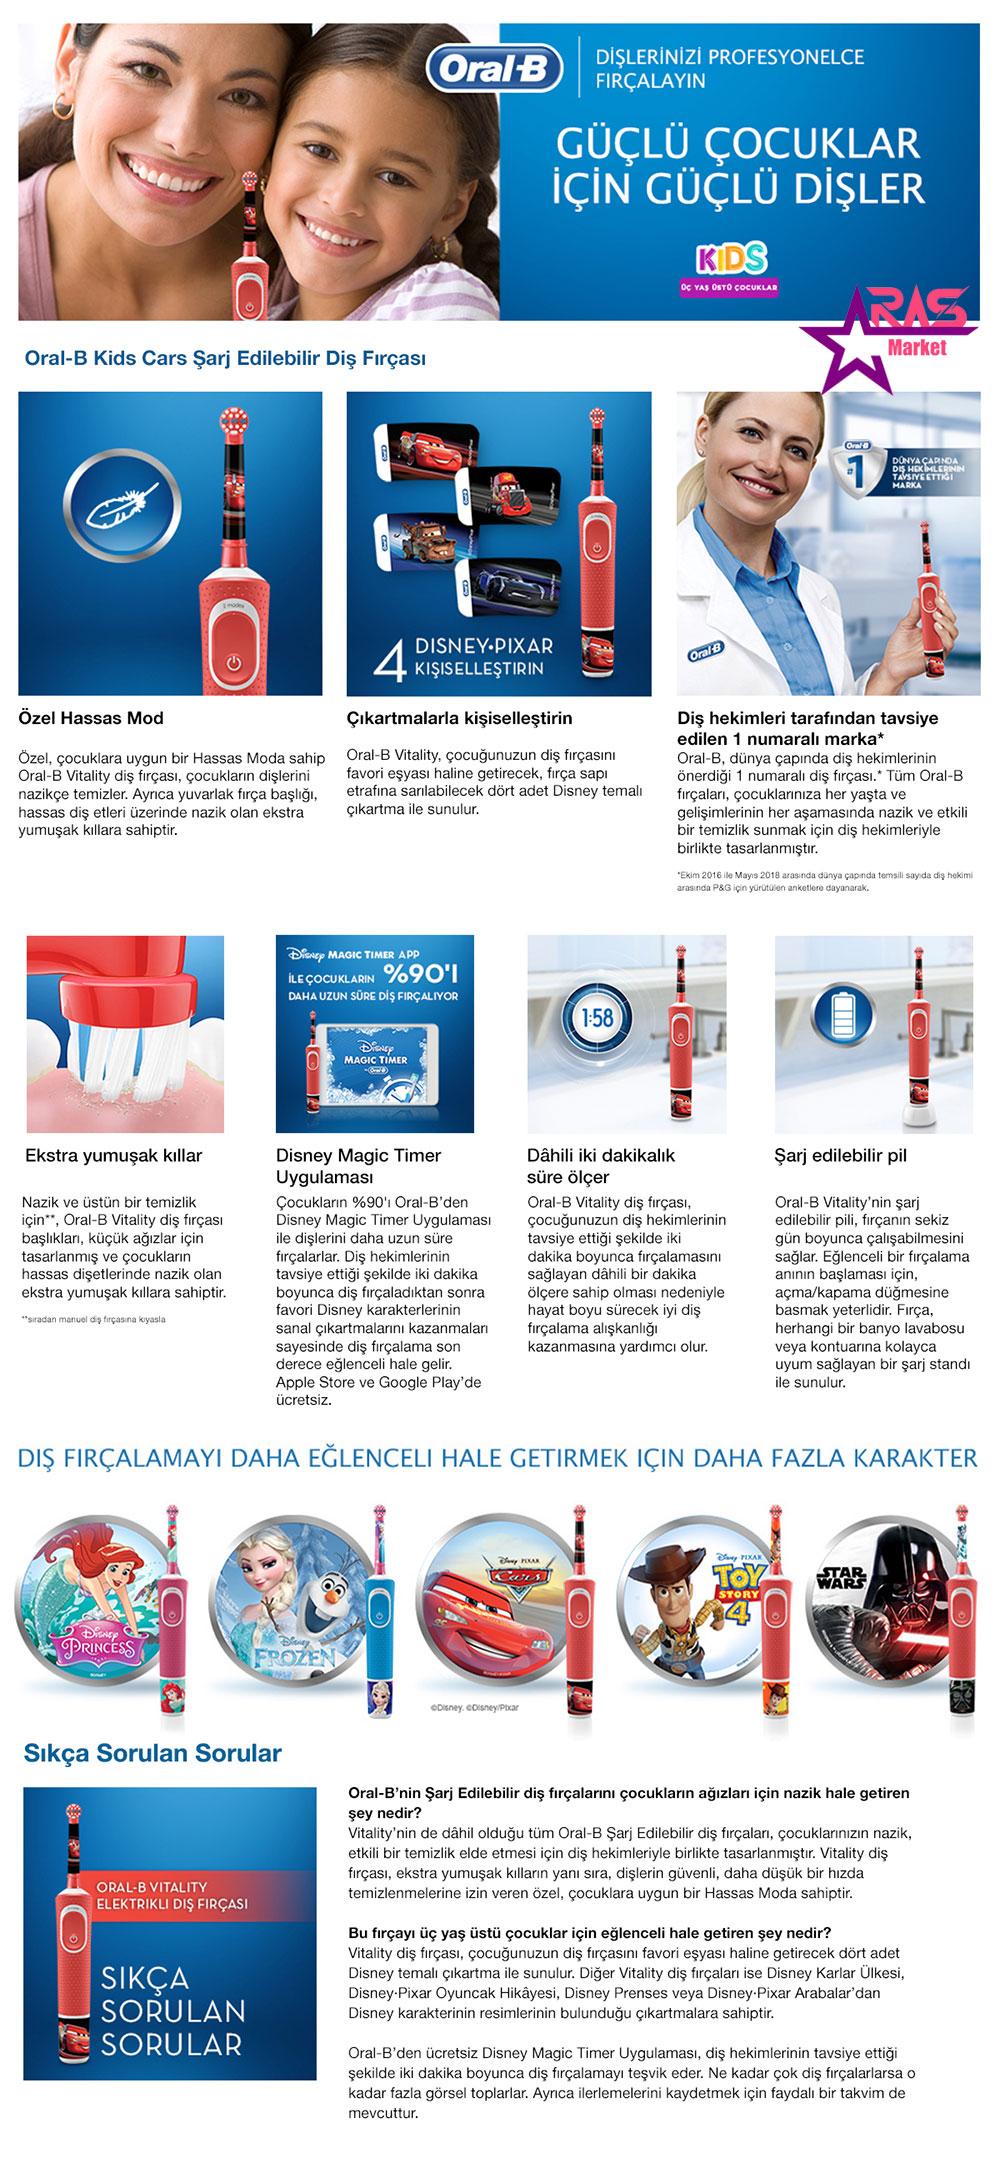 مسواک برقی کودک اورال بی مدل Cars ، خرید اینترنتی محصولات شوینده و بهداشتی ، مسواک برقی oral b